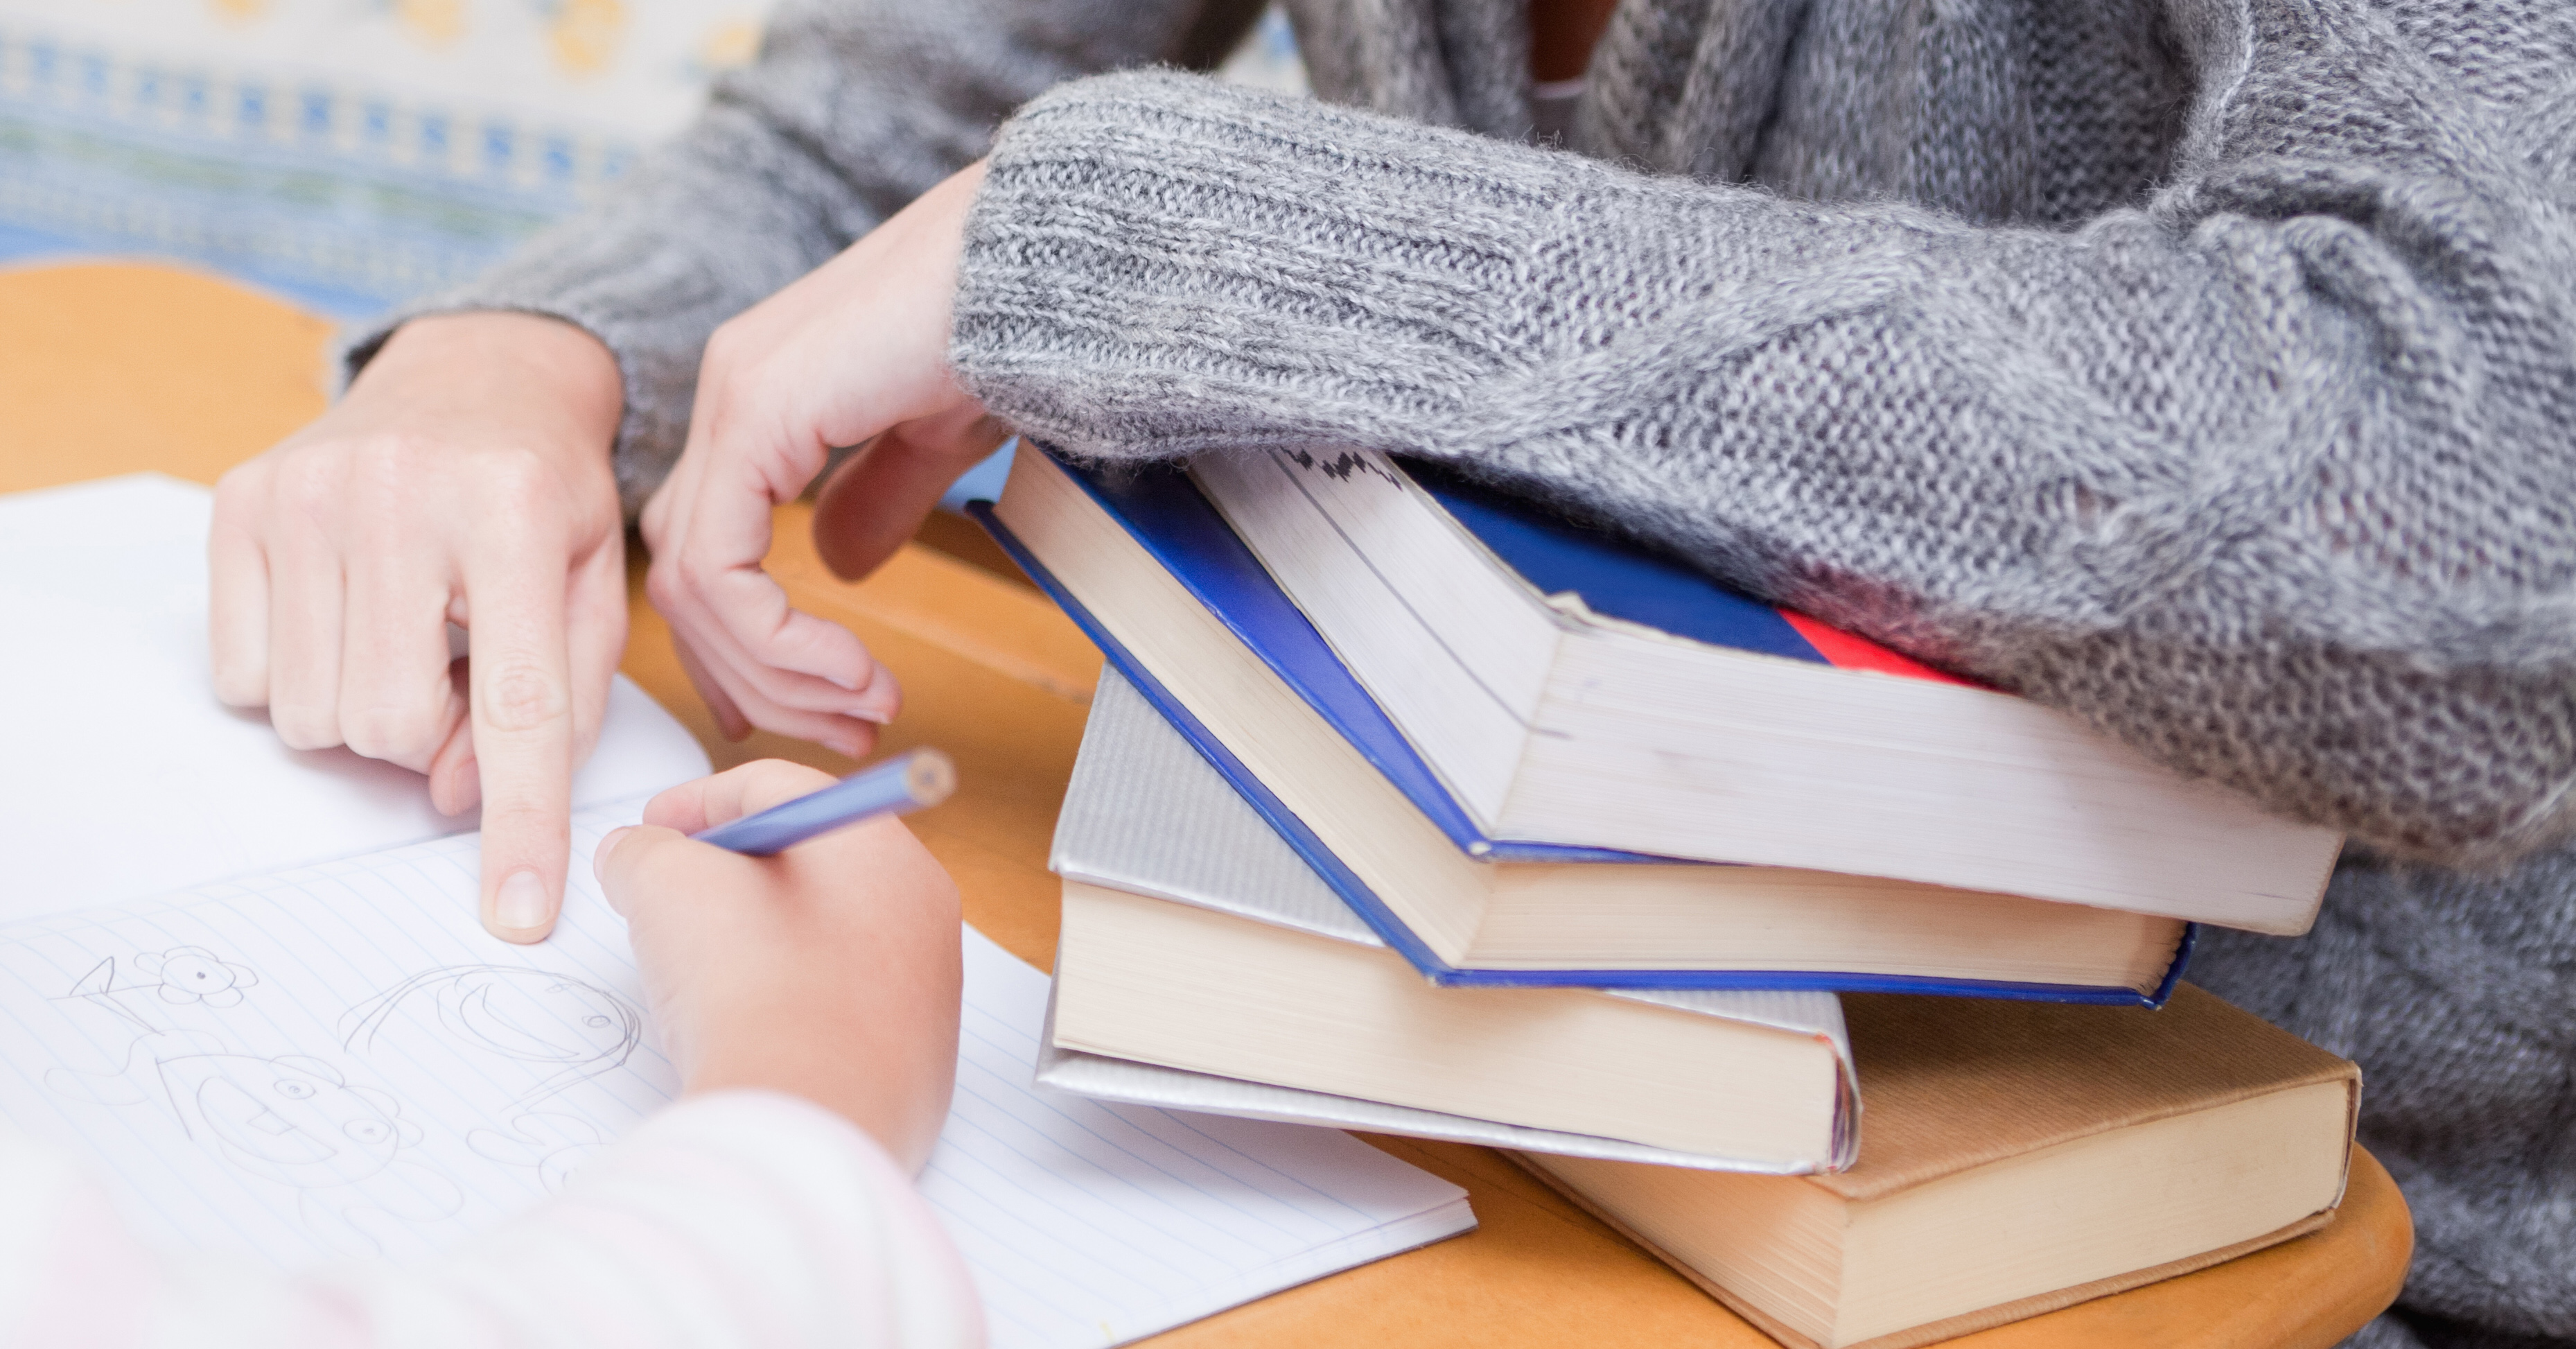 INVALSI 2017: Matematica per la Secondaria di Primo grado. Le risposte di Giorgio Bolondi